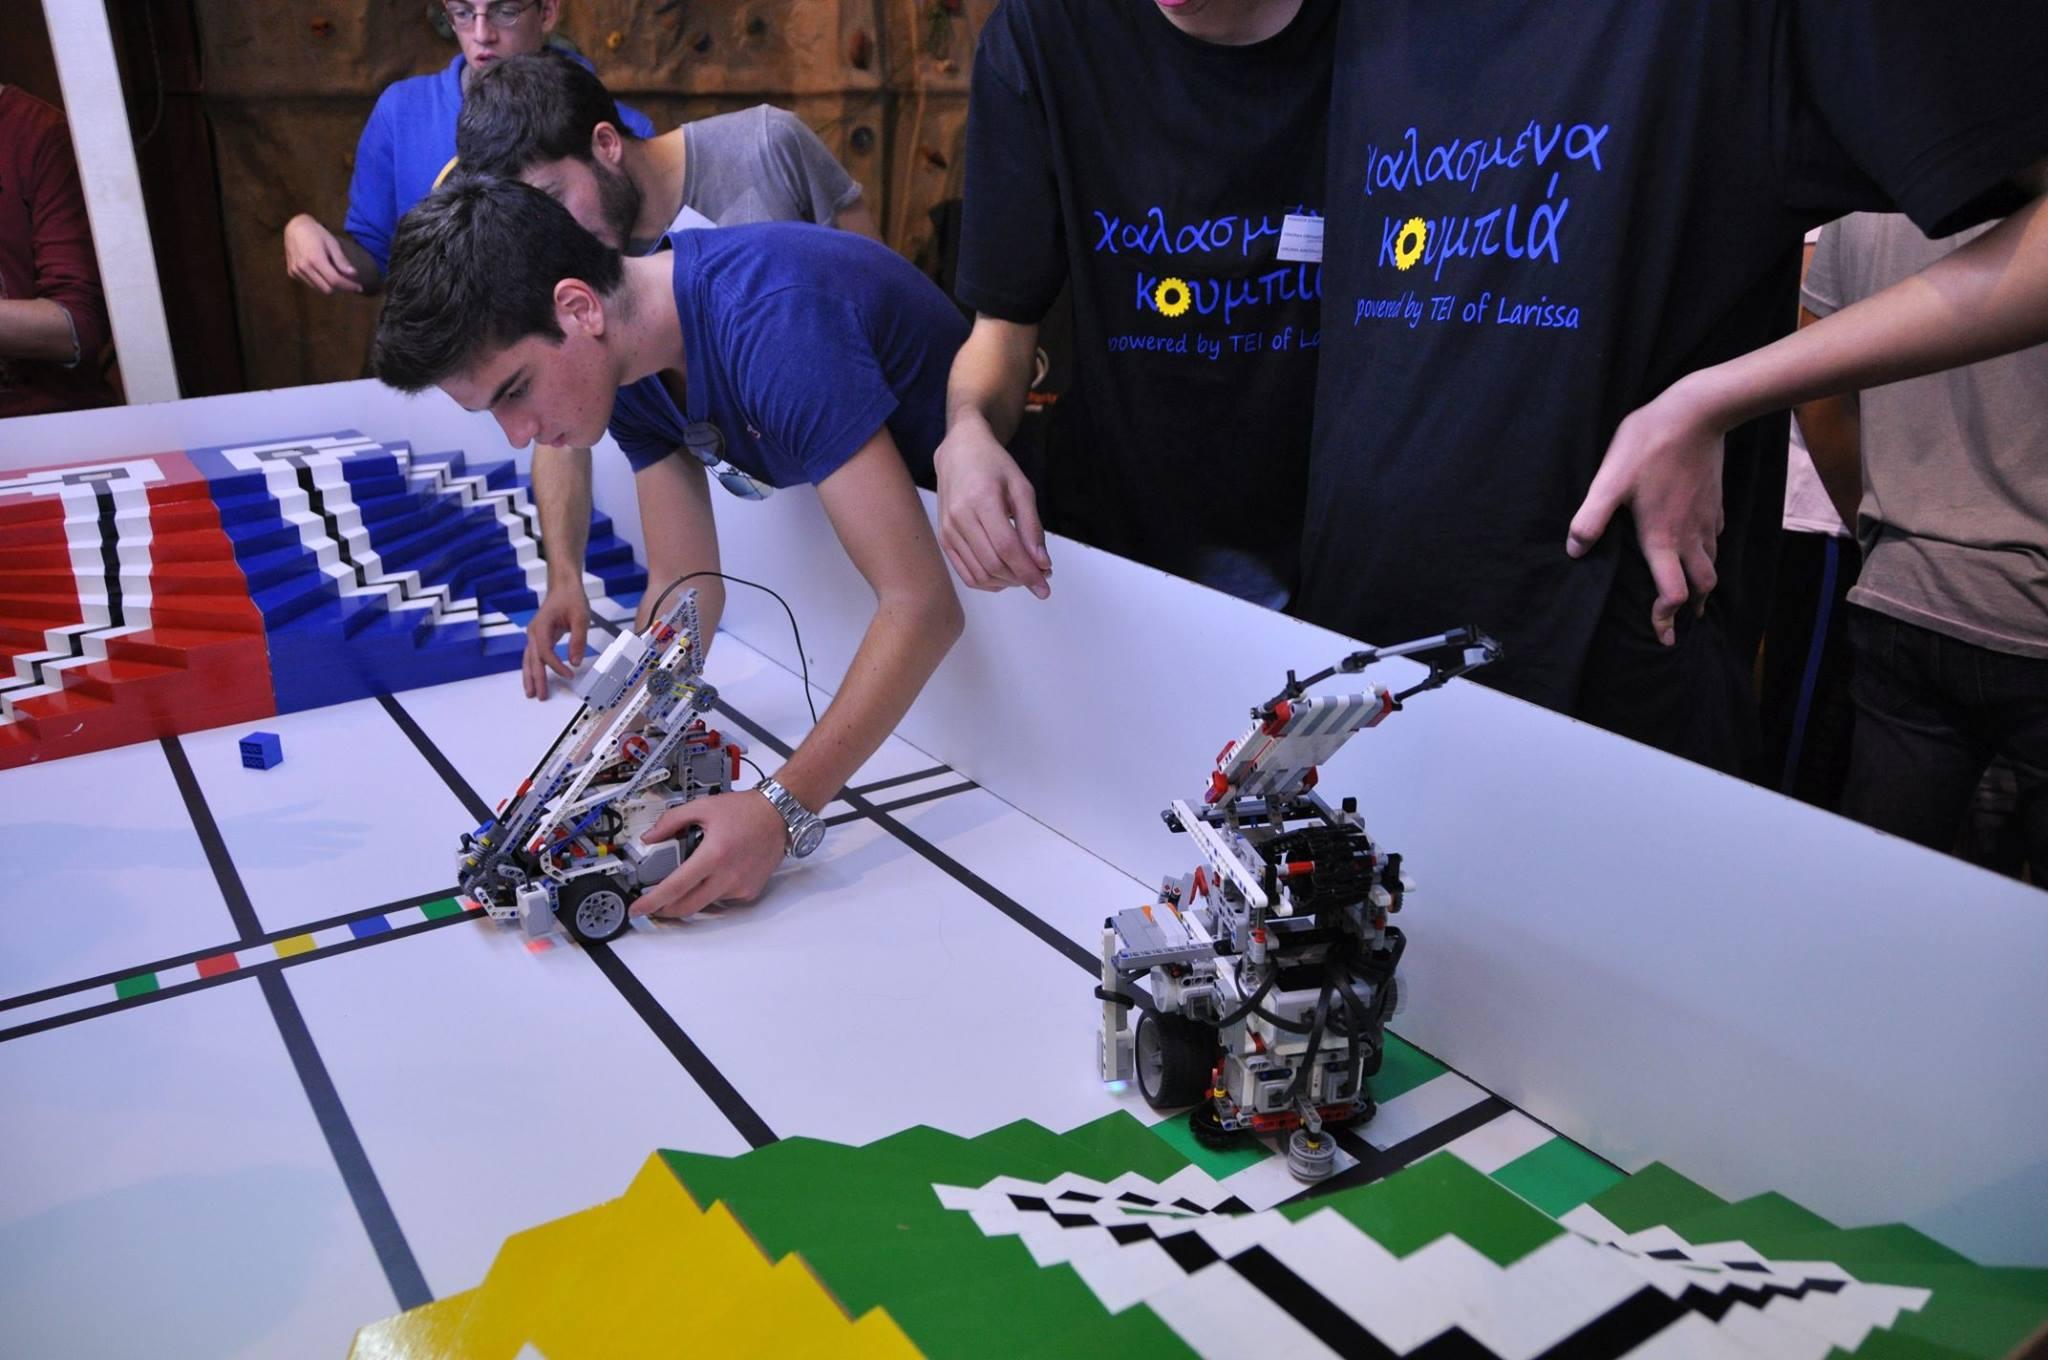 Οι μαθητές που κατασκευάζουν ρομπότ, η Ελλάδα που εφευρίσκει (photos)